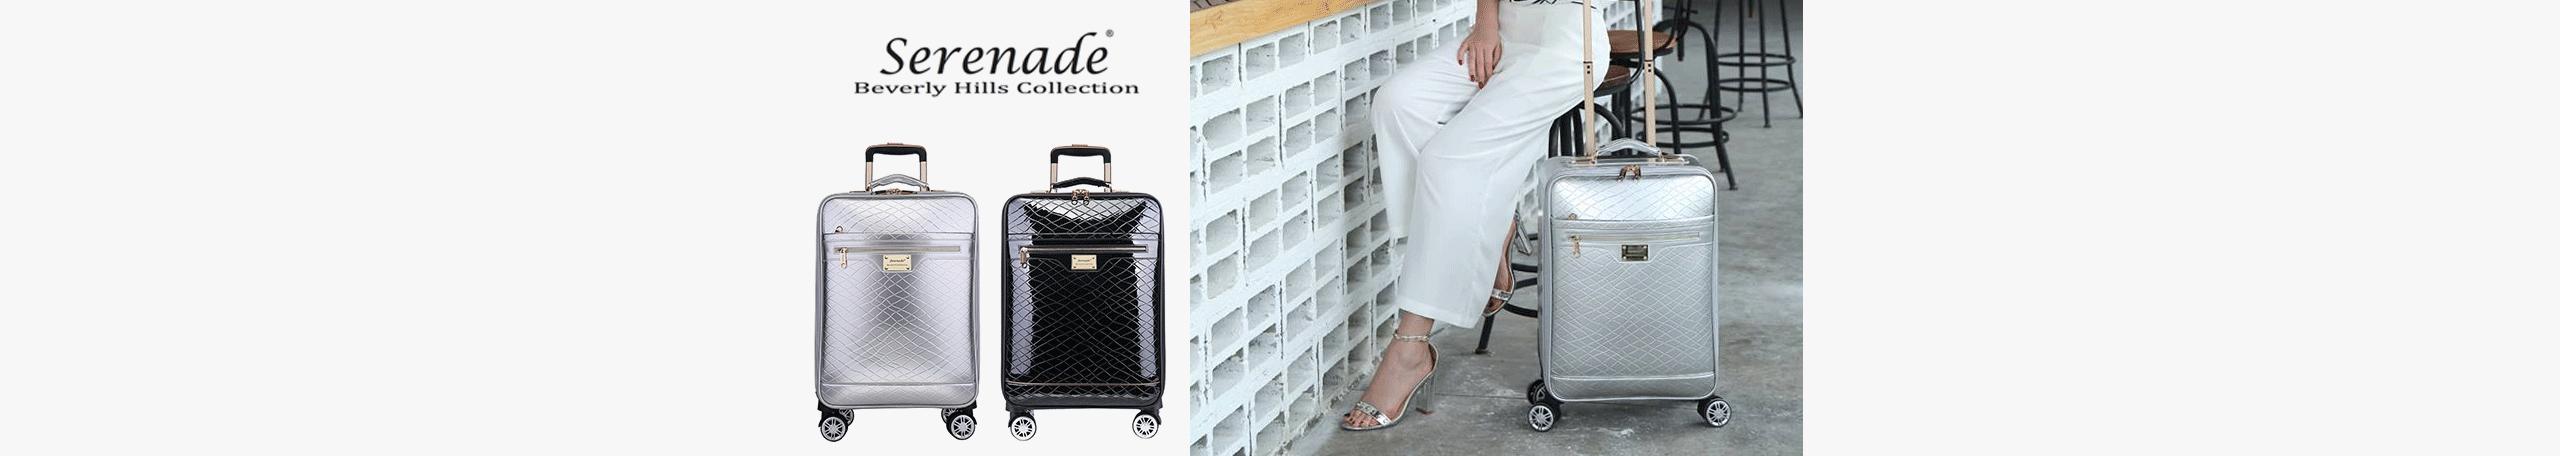 Serenade Luggage